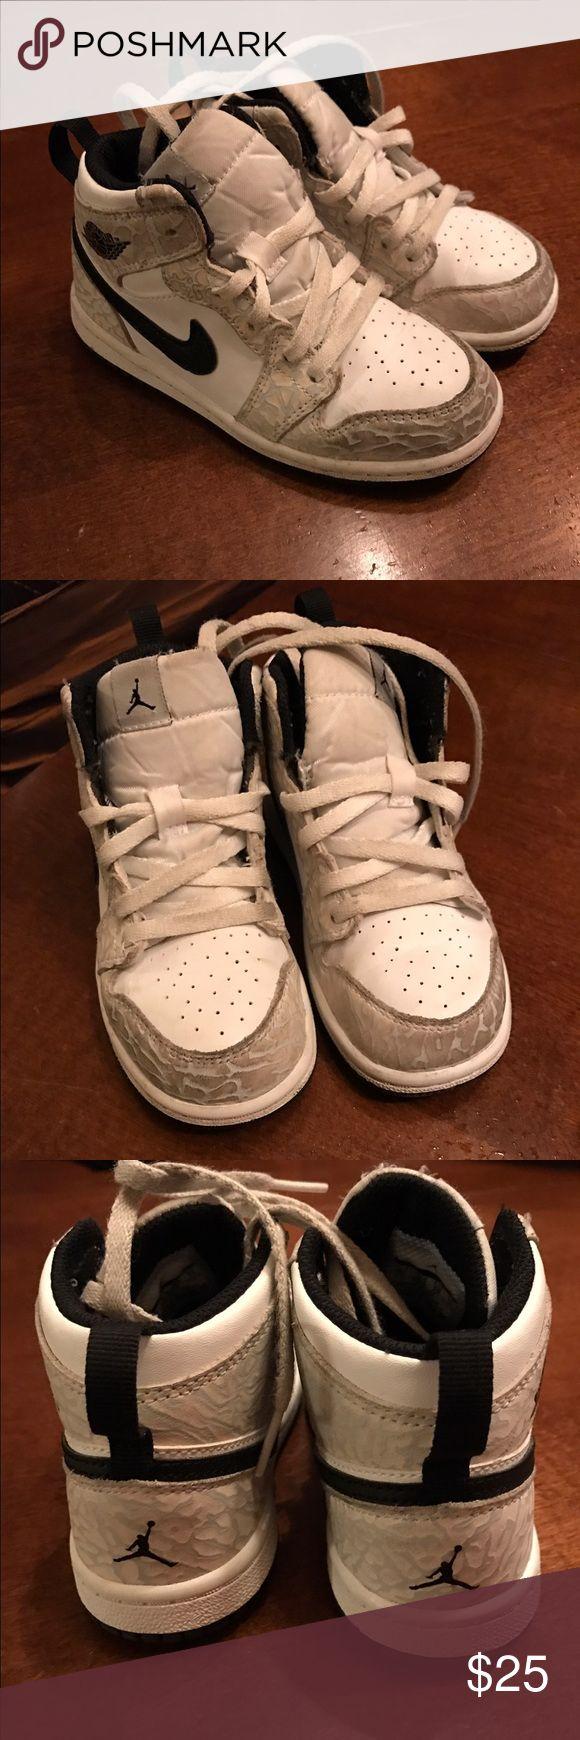 Kids Jordan Retro High Tops Toddler Air Jordan 1 Retro Hi Top Prem. Worn and few times. In good condition. Jordan Shoes Sneakers